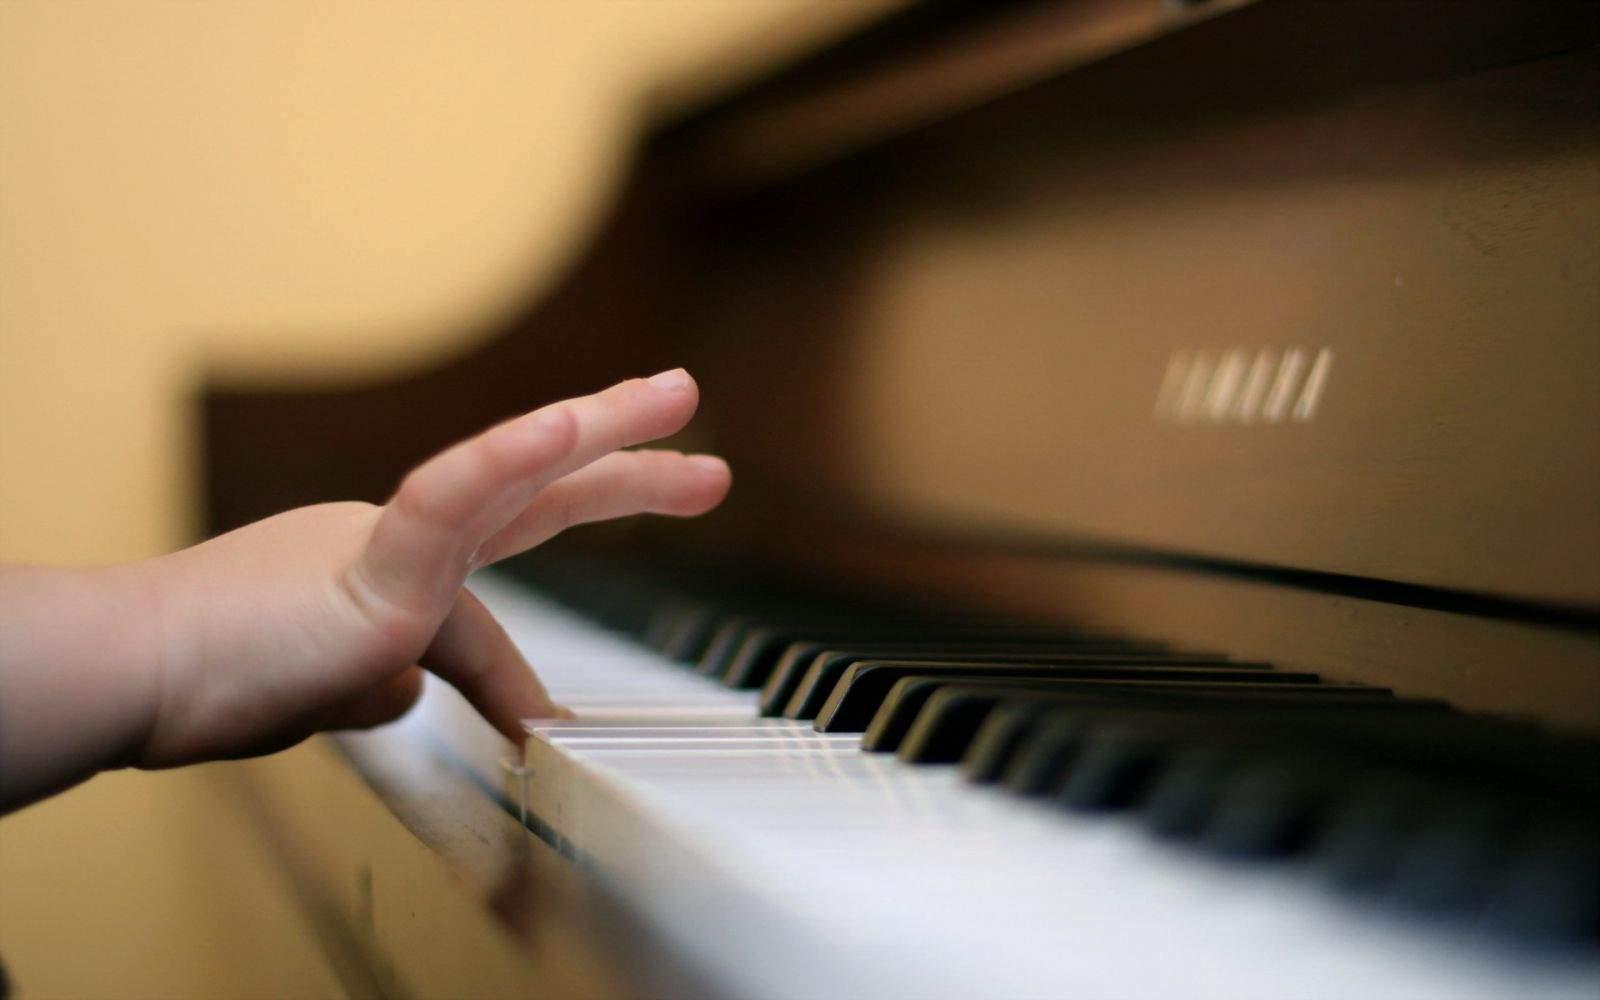 Снится Клавиатура